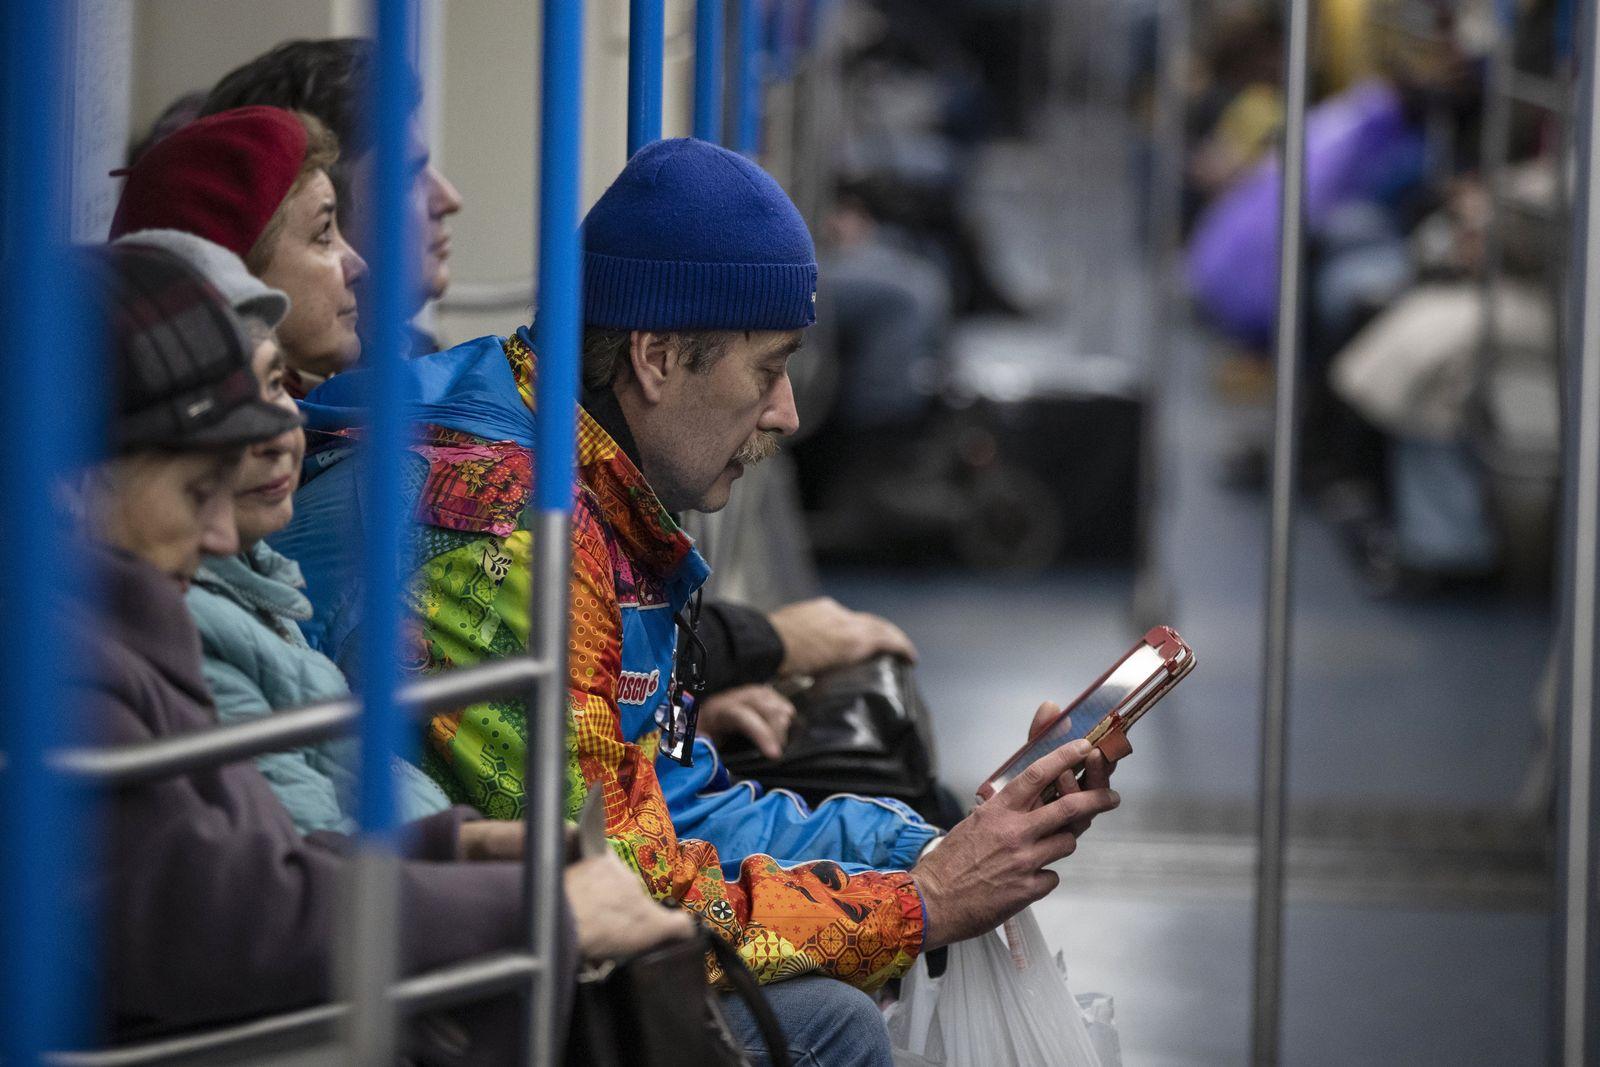 """Testphase für das """"Staatsinternet"""" in Russland"""